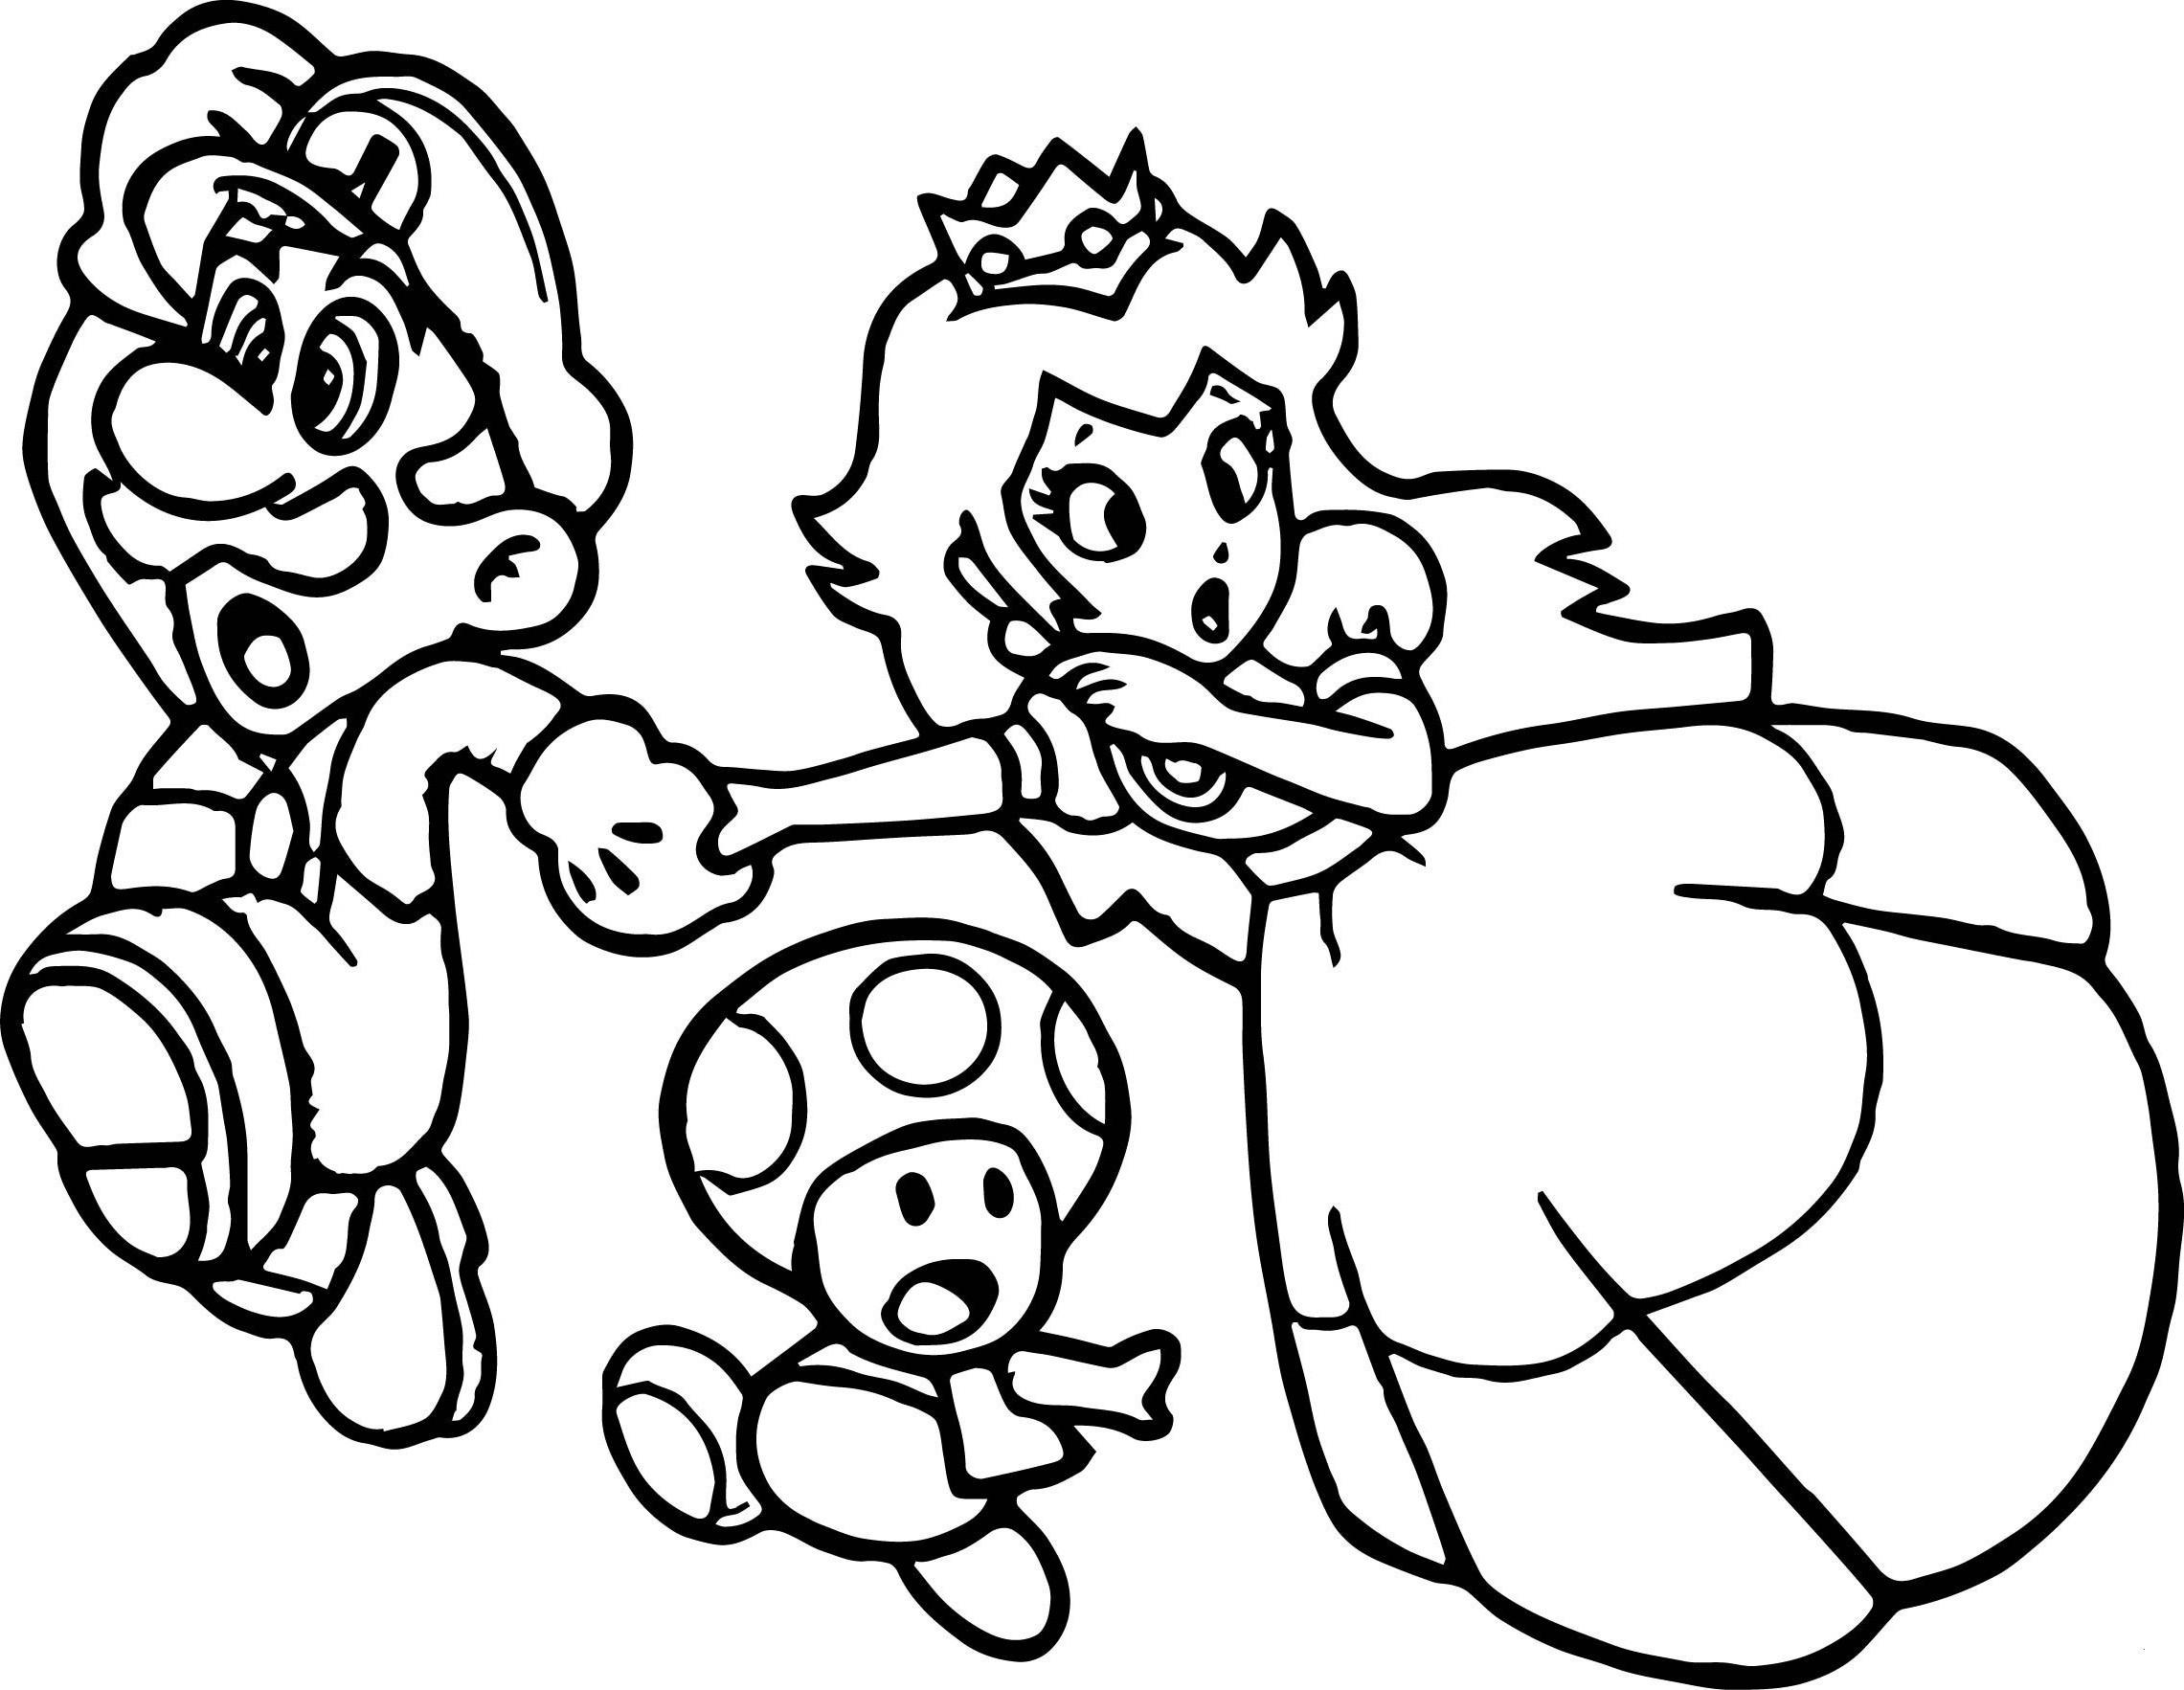 Super Mario Pilz Ausmalbilder Genial 28 Inspirierend Ausmalbild Super Mario – Malvorlagen Ideen Bild